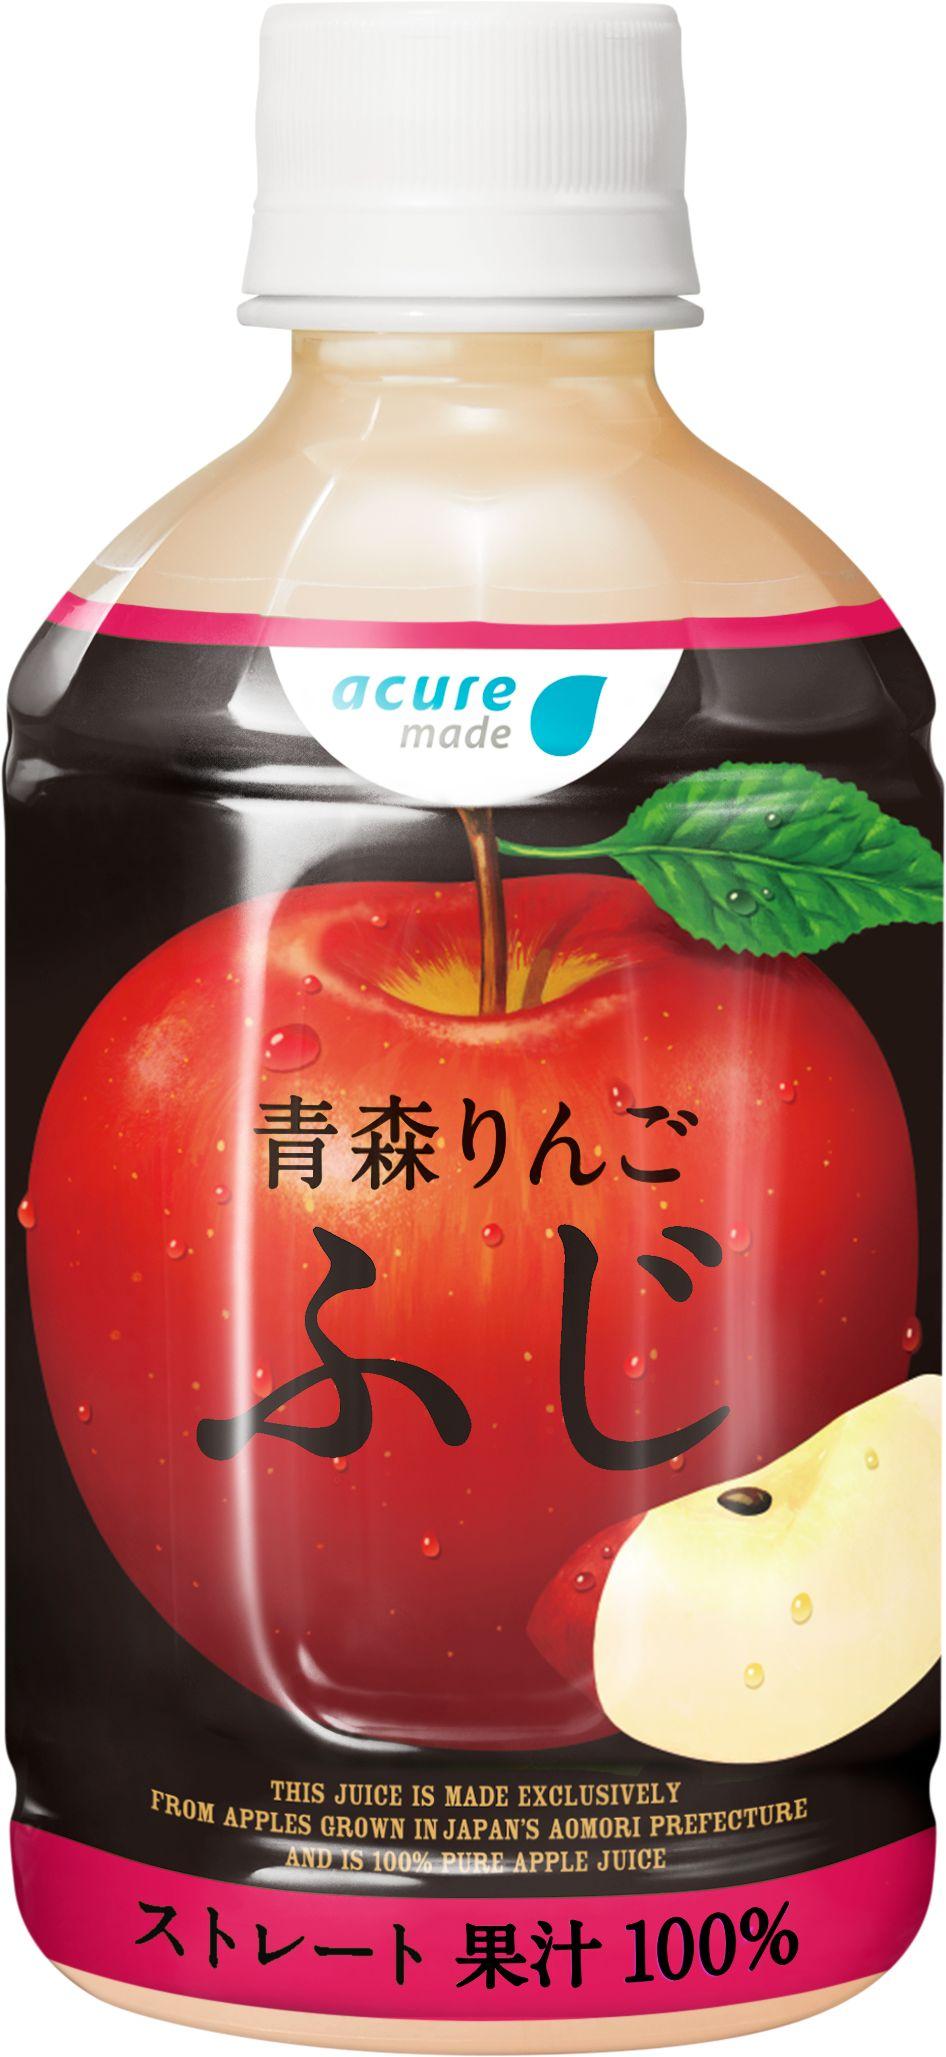 「青森りんごシリーズ」の商品だけを販売する自動販売機【りんご自販機】